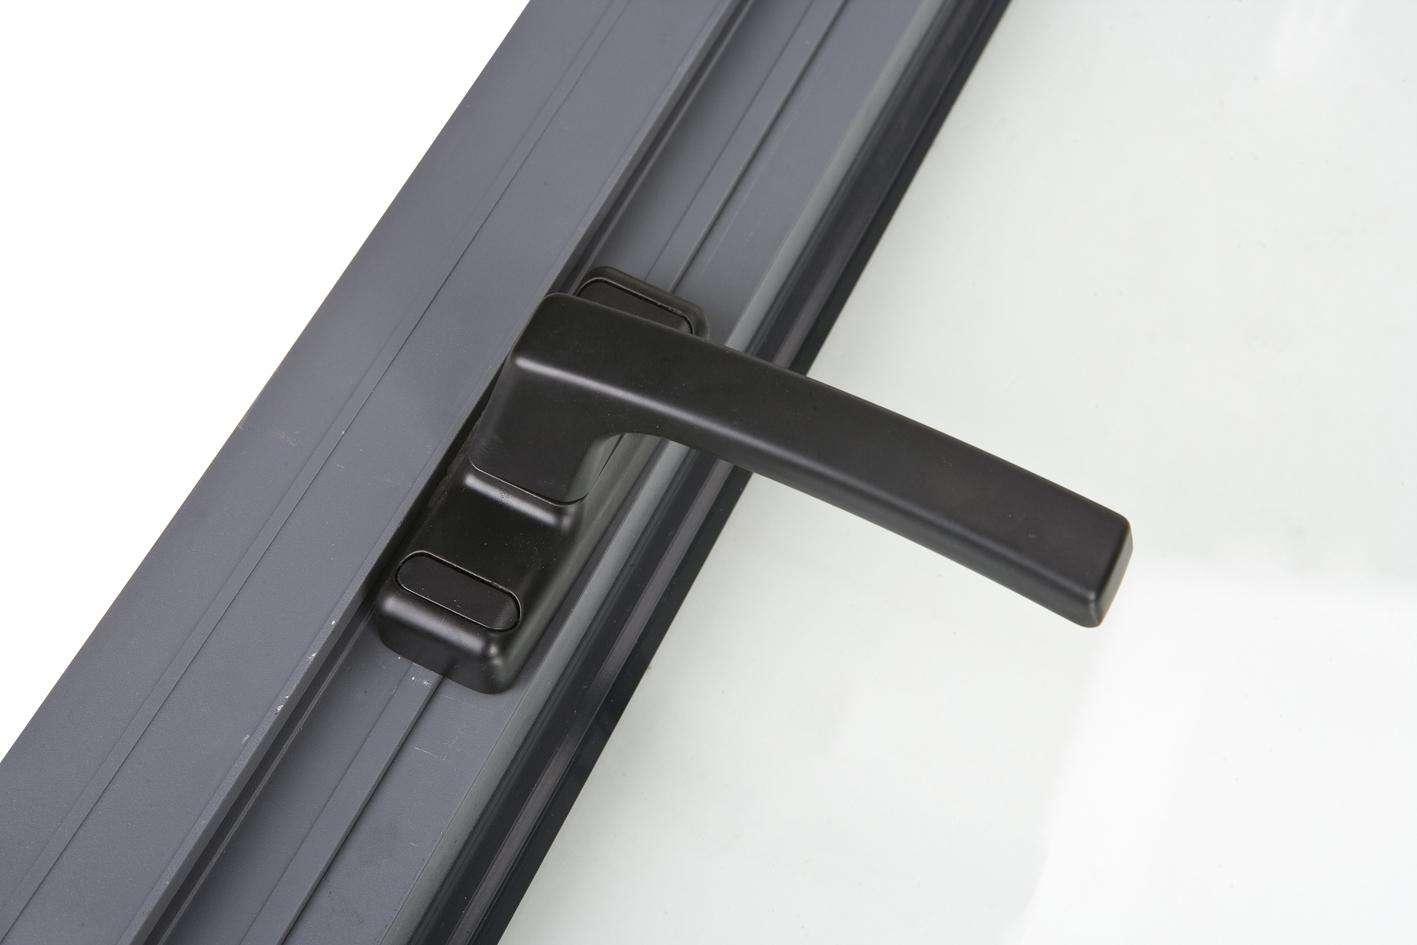 注胶 穿条隔热铝型材 结构紧凑 清秀美观